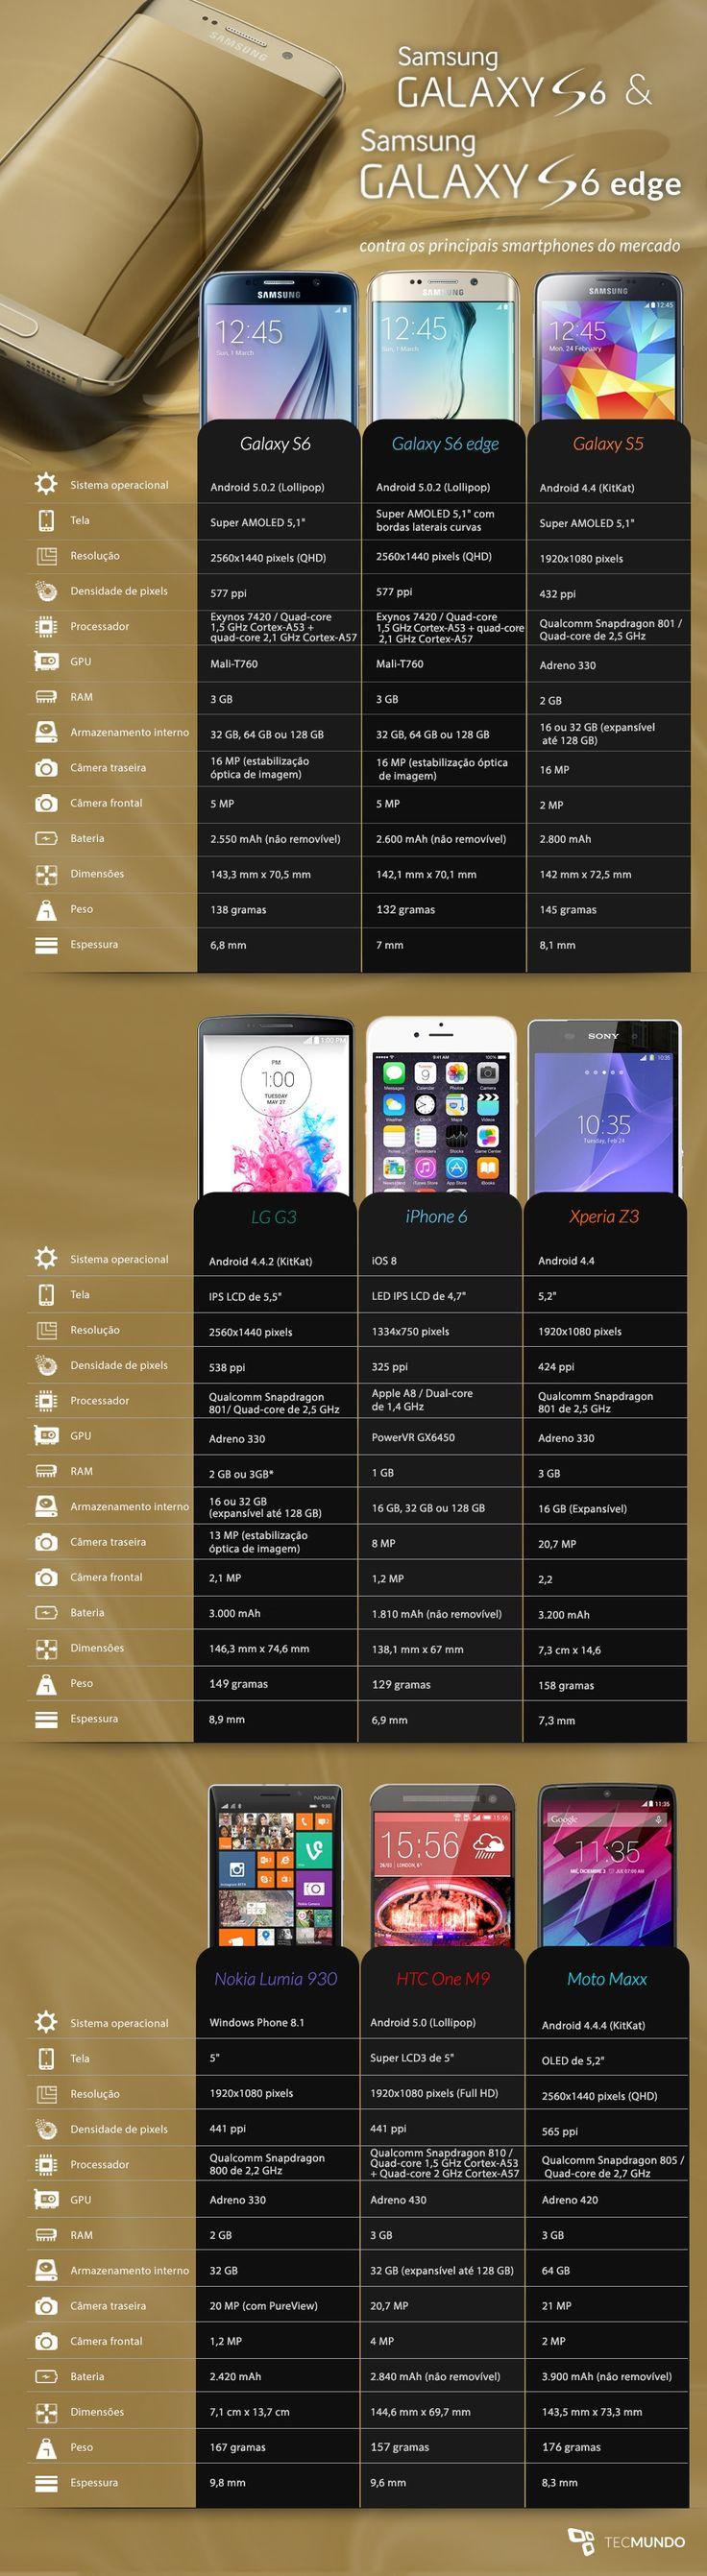 Comparação: Galaxy S6 e S6 edge contra os principais smartphones do mercado